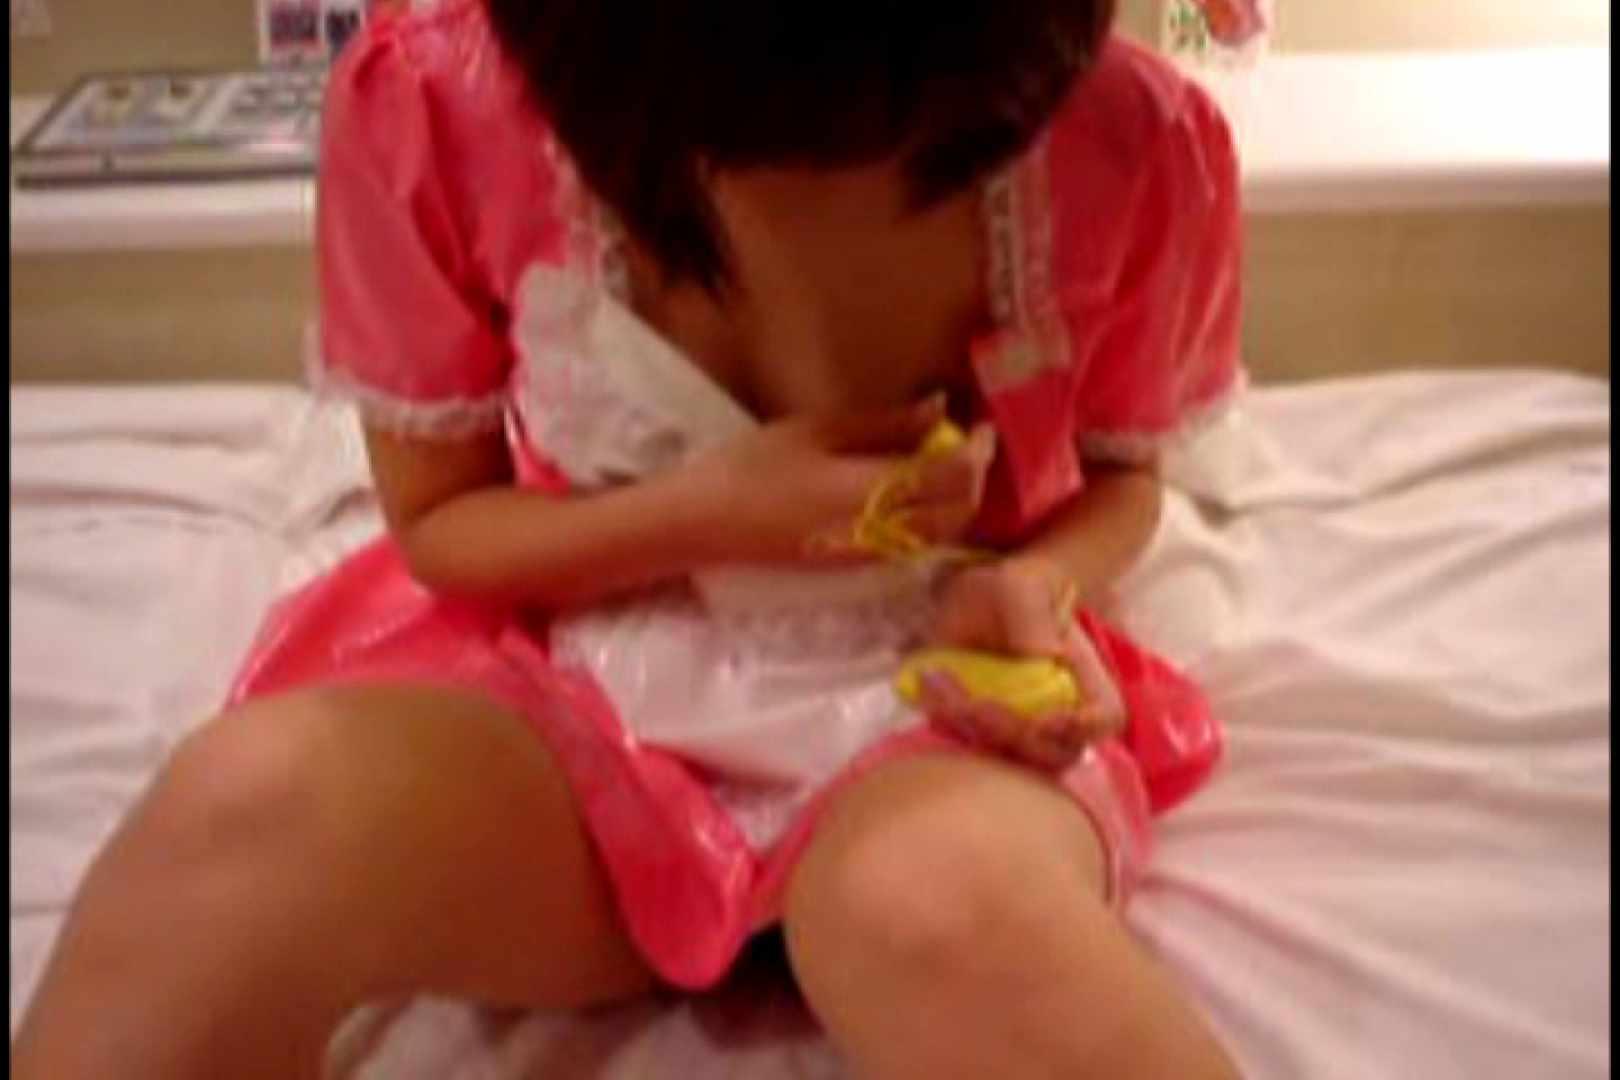 ウイルス流出 九州工学部女子大生藤野瑠美 投稿   Hな女子大生  82pic 13